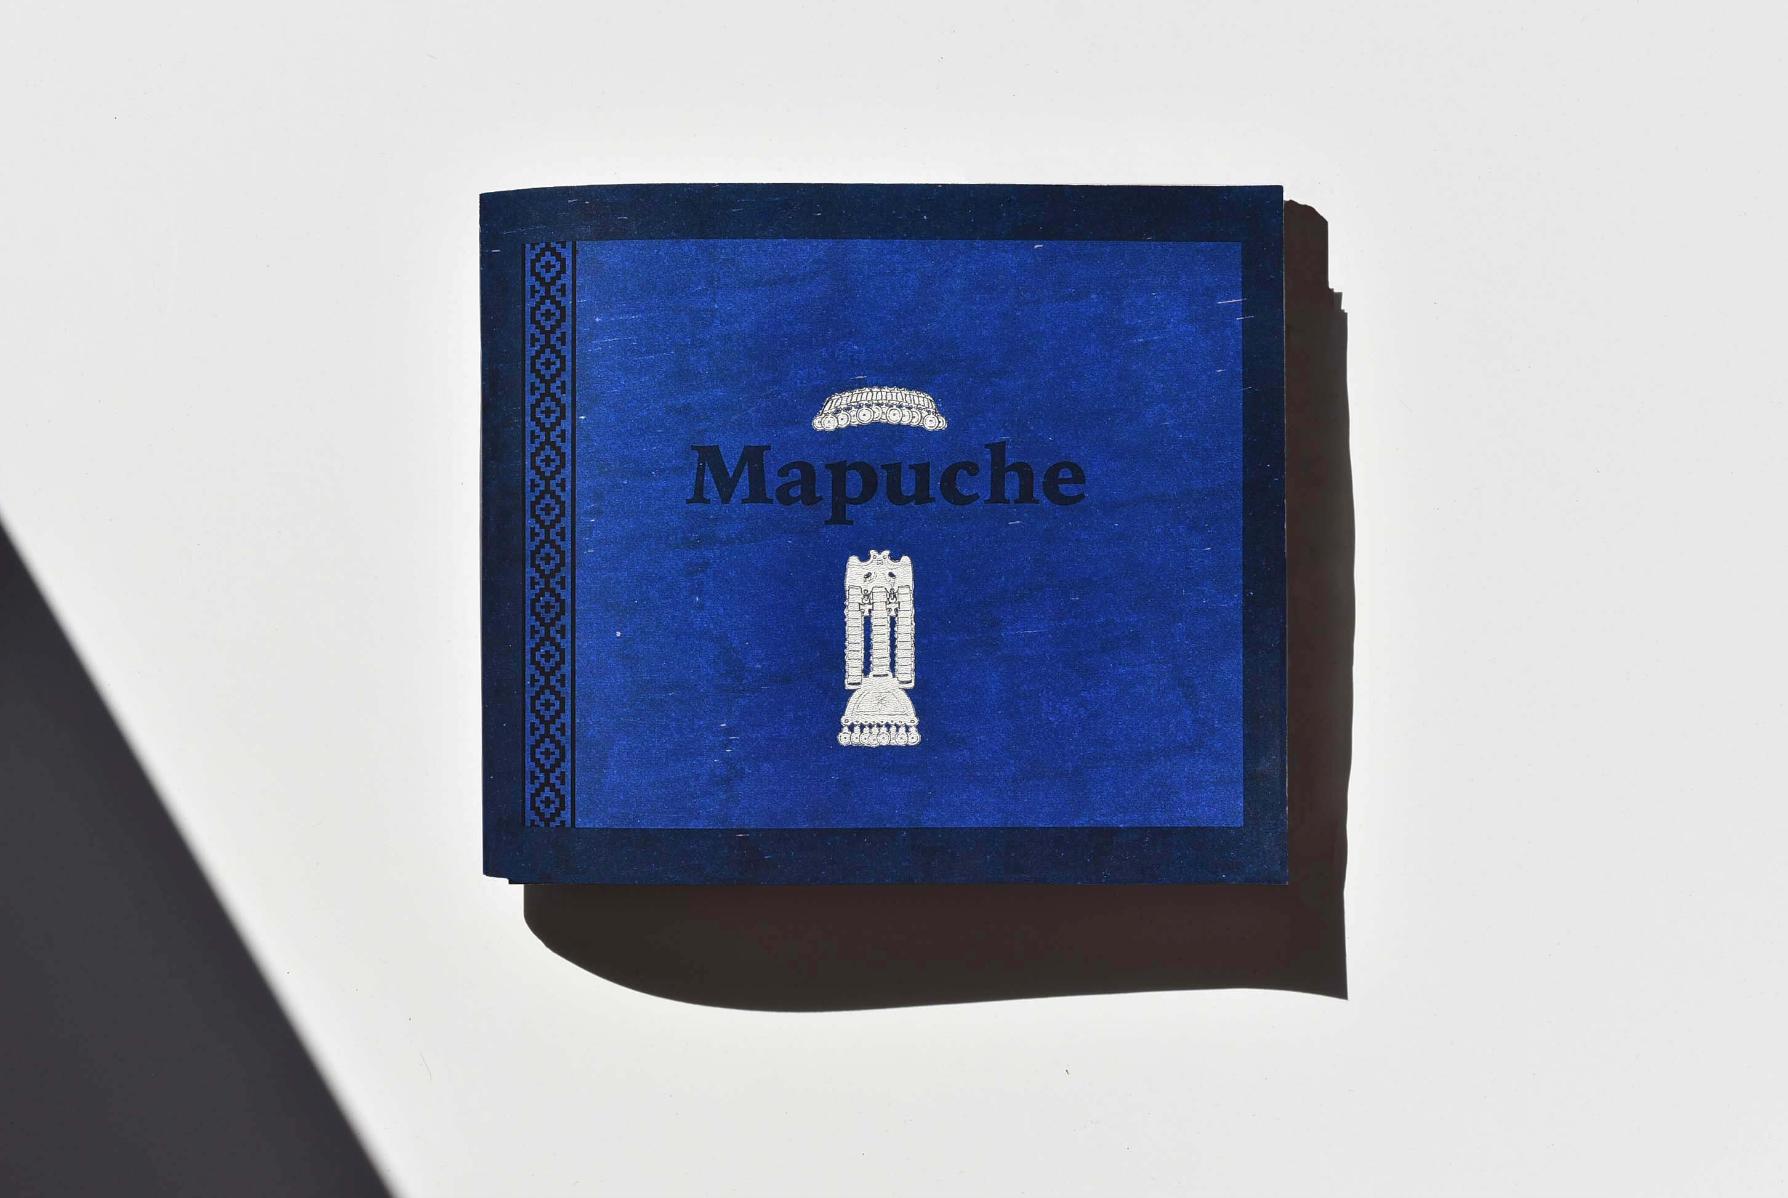 Mapuche, gente de la tierra by Jone Aldalur Gandiaga - Creative Work